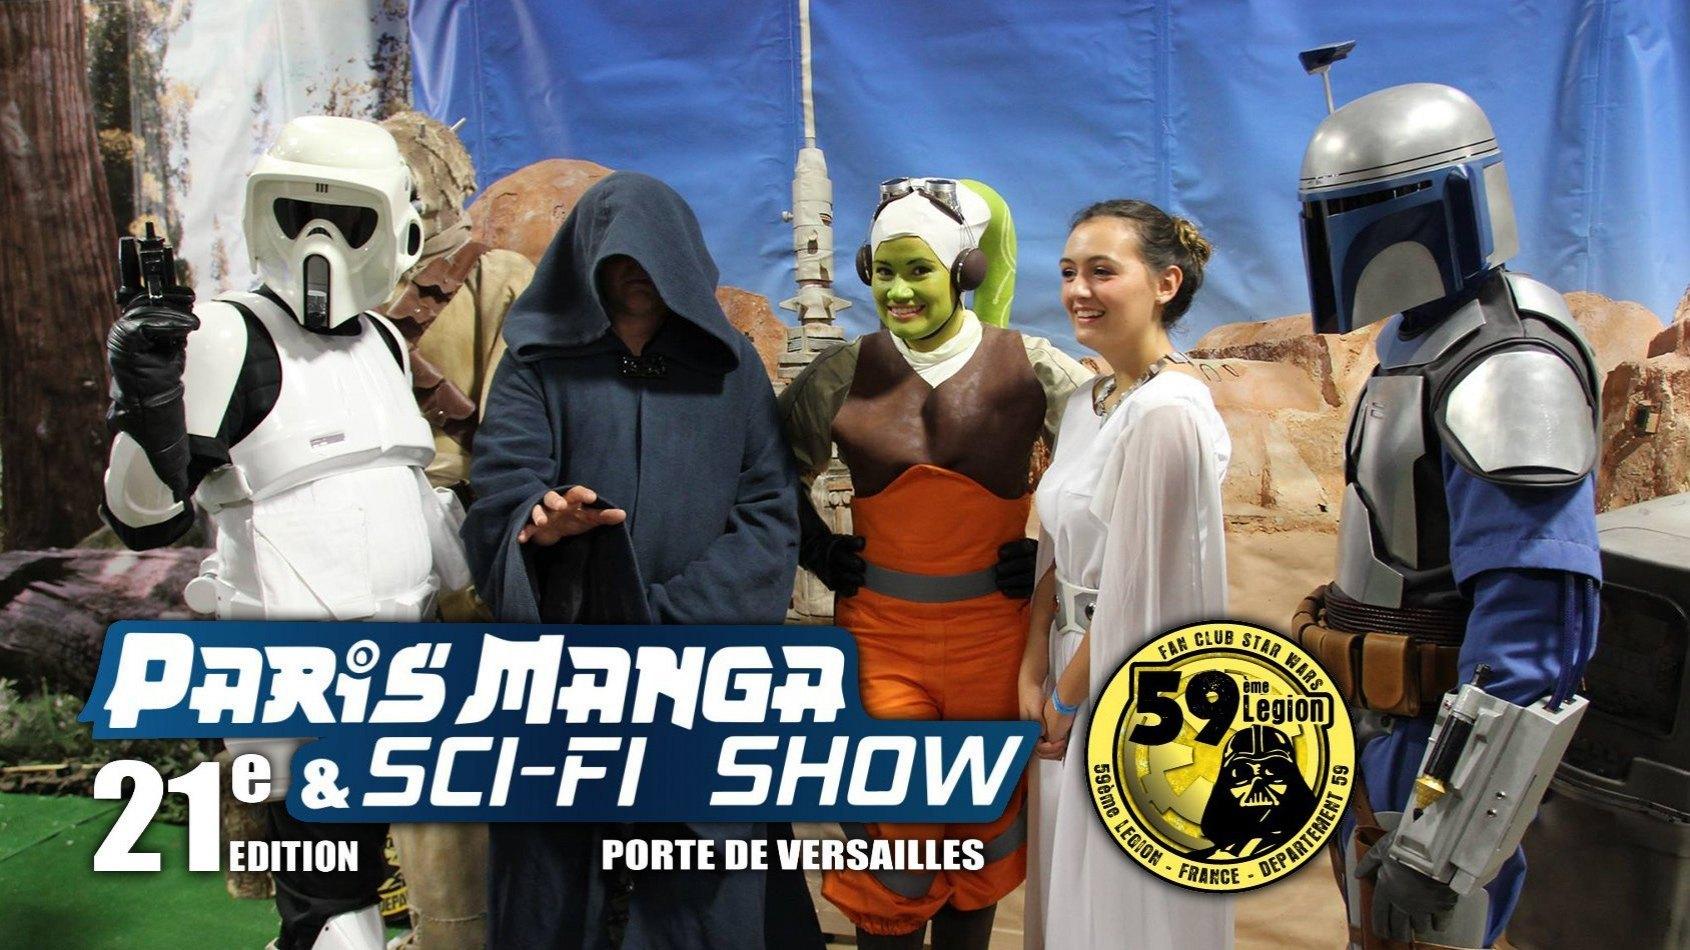 La 59ème Légion & PSW au Paris Manga ce week-end !